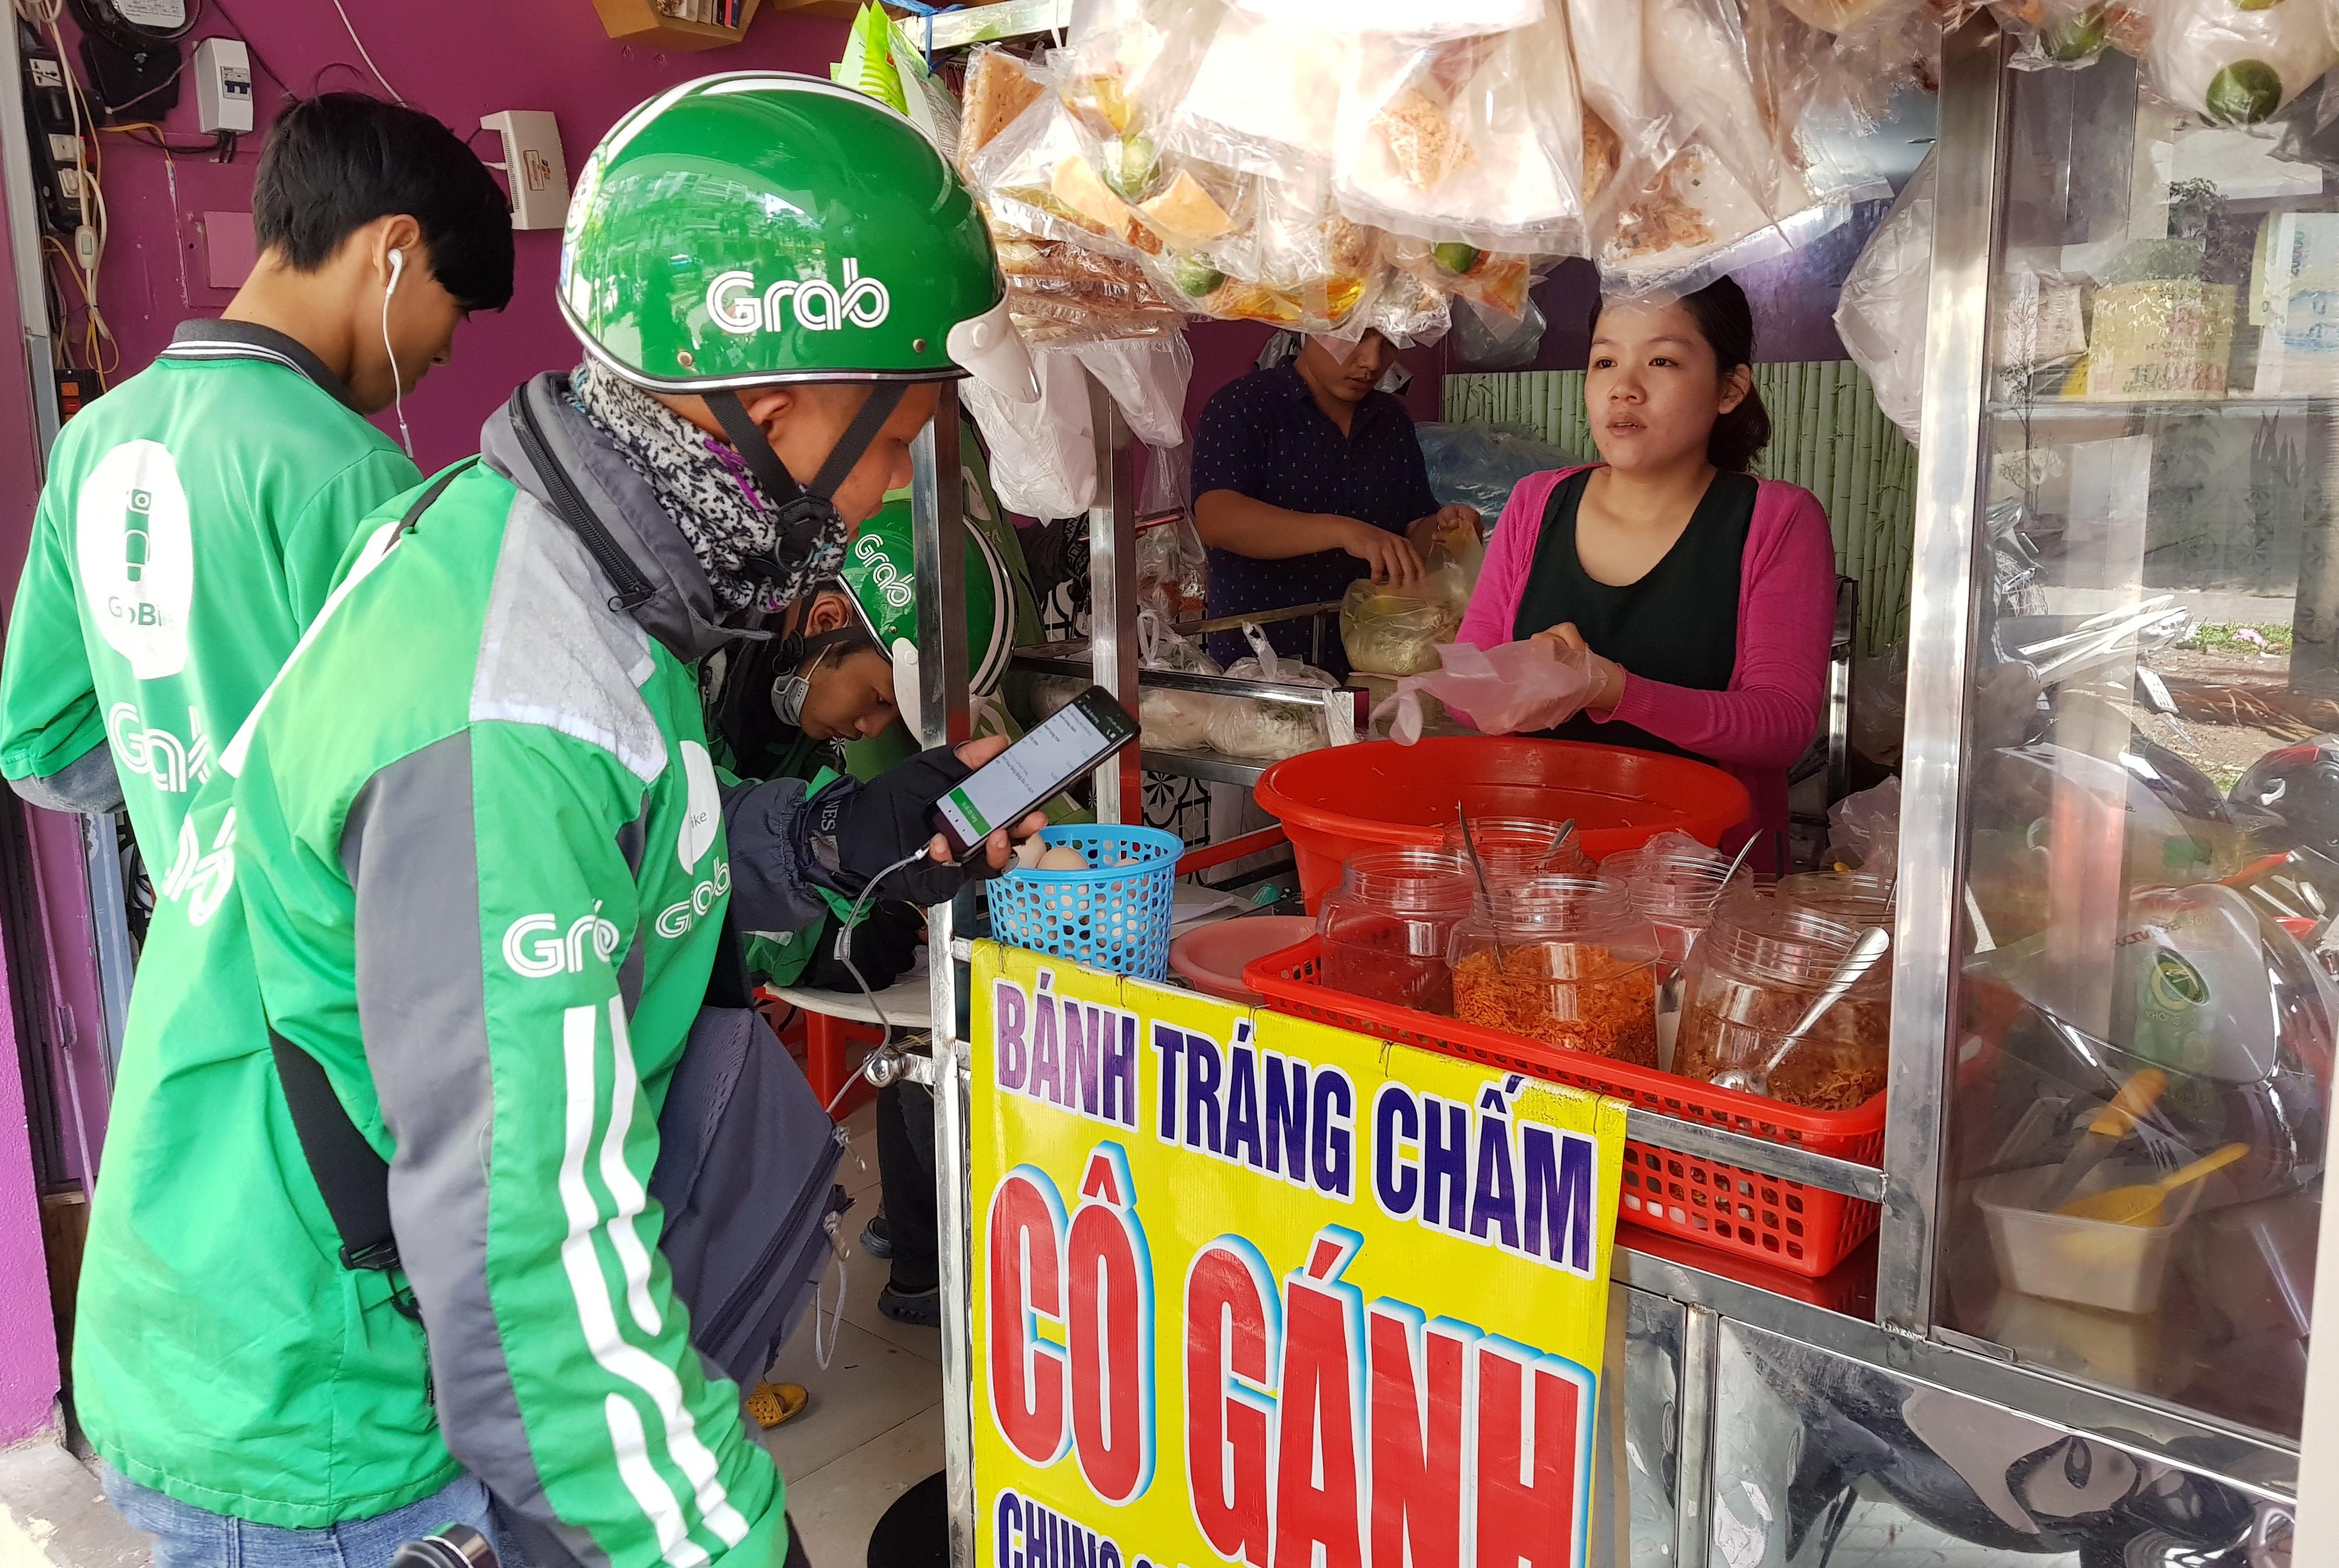 Từ chỗ bán hàng rong với đôi quang gánh, bà Nguyễn Thị Cảnh (quê Bình Định) 2 năm nay phải tăng cường người và thuê thêm mặt bằng để phục vụ người mua qua mạng. Ảnh: NGỌC HIỂN